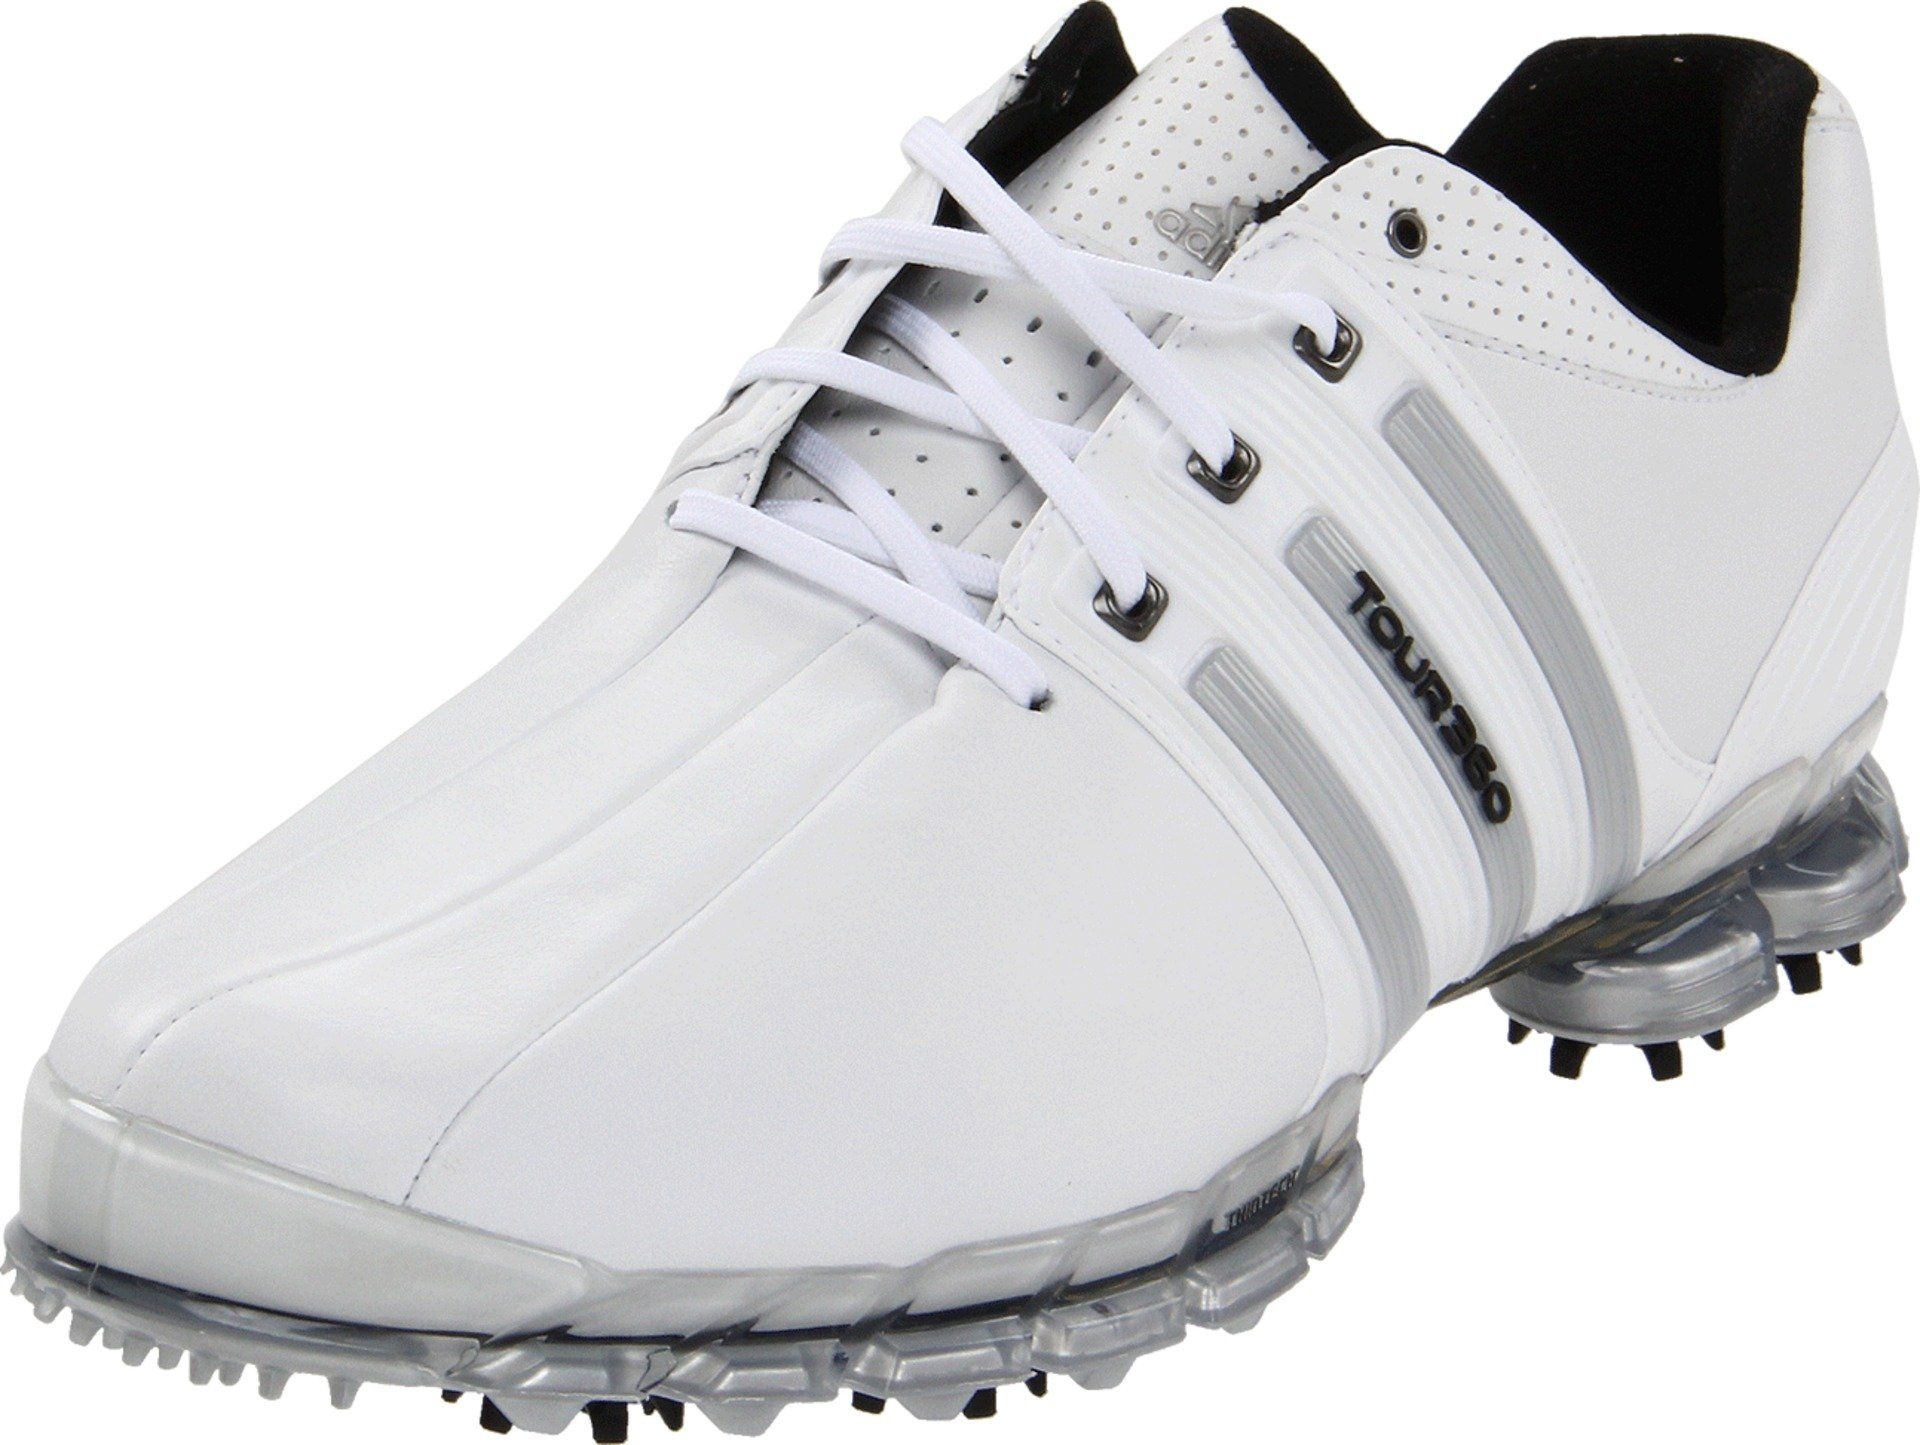 d2a053c7644 adidas Men s Tour360 ATV Golf Shoe